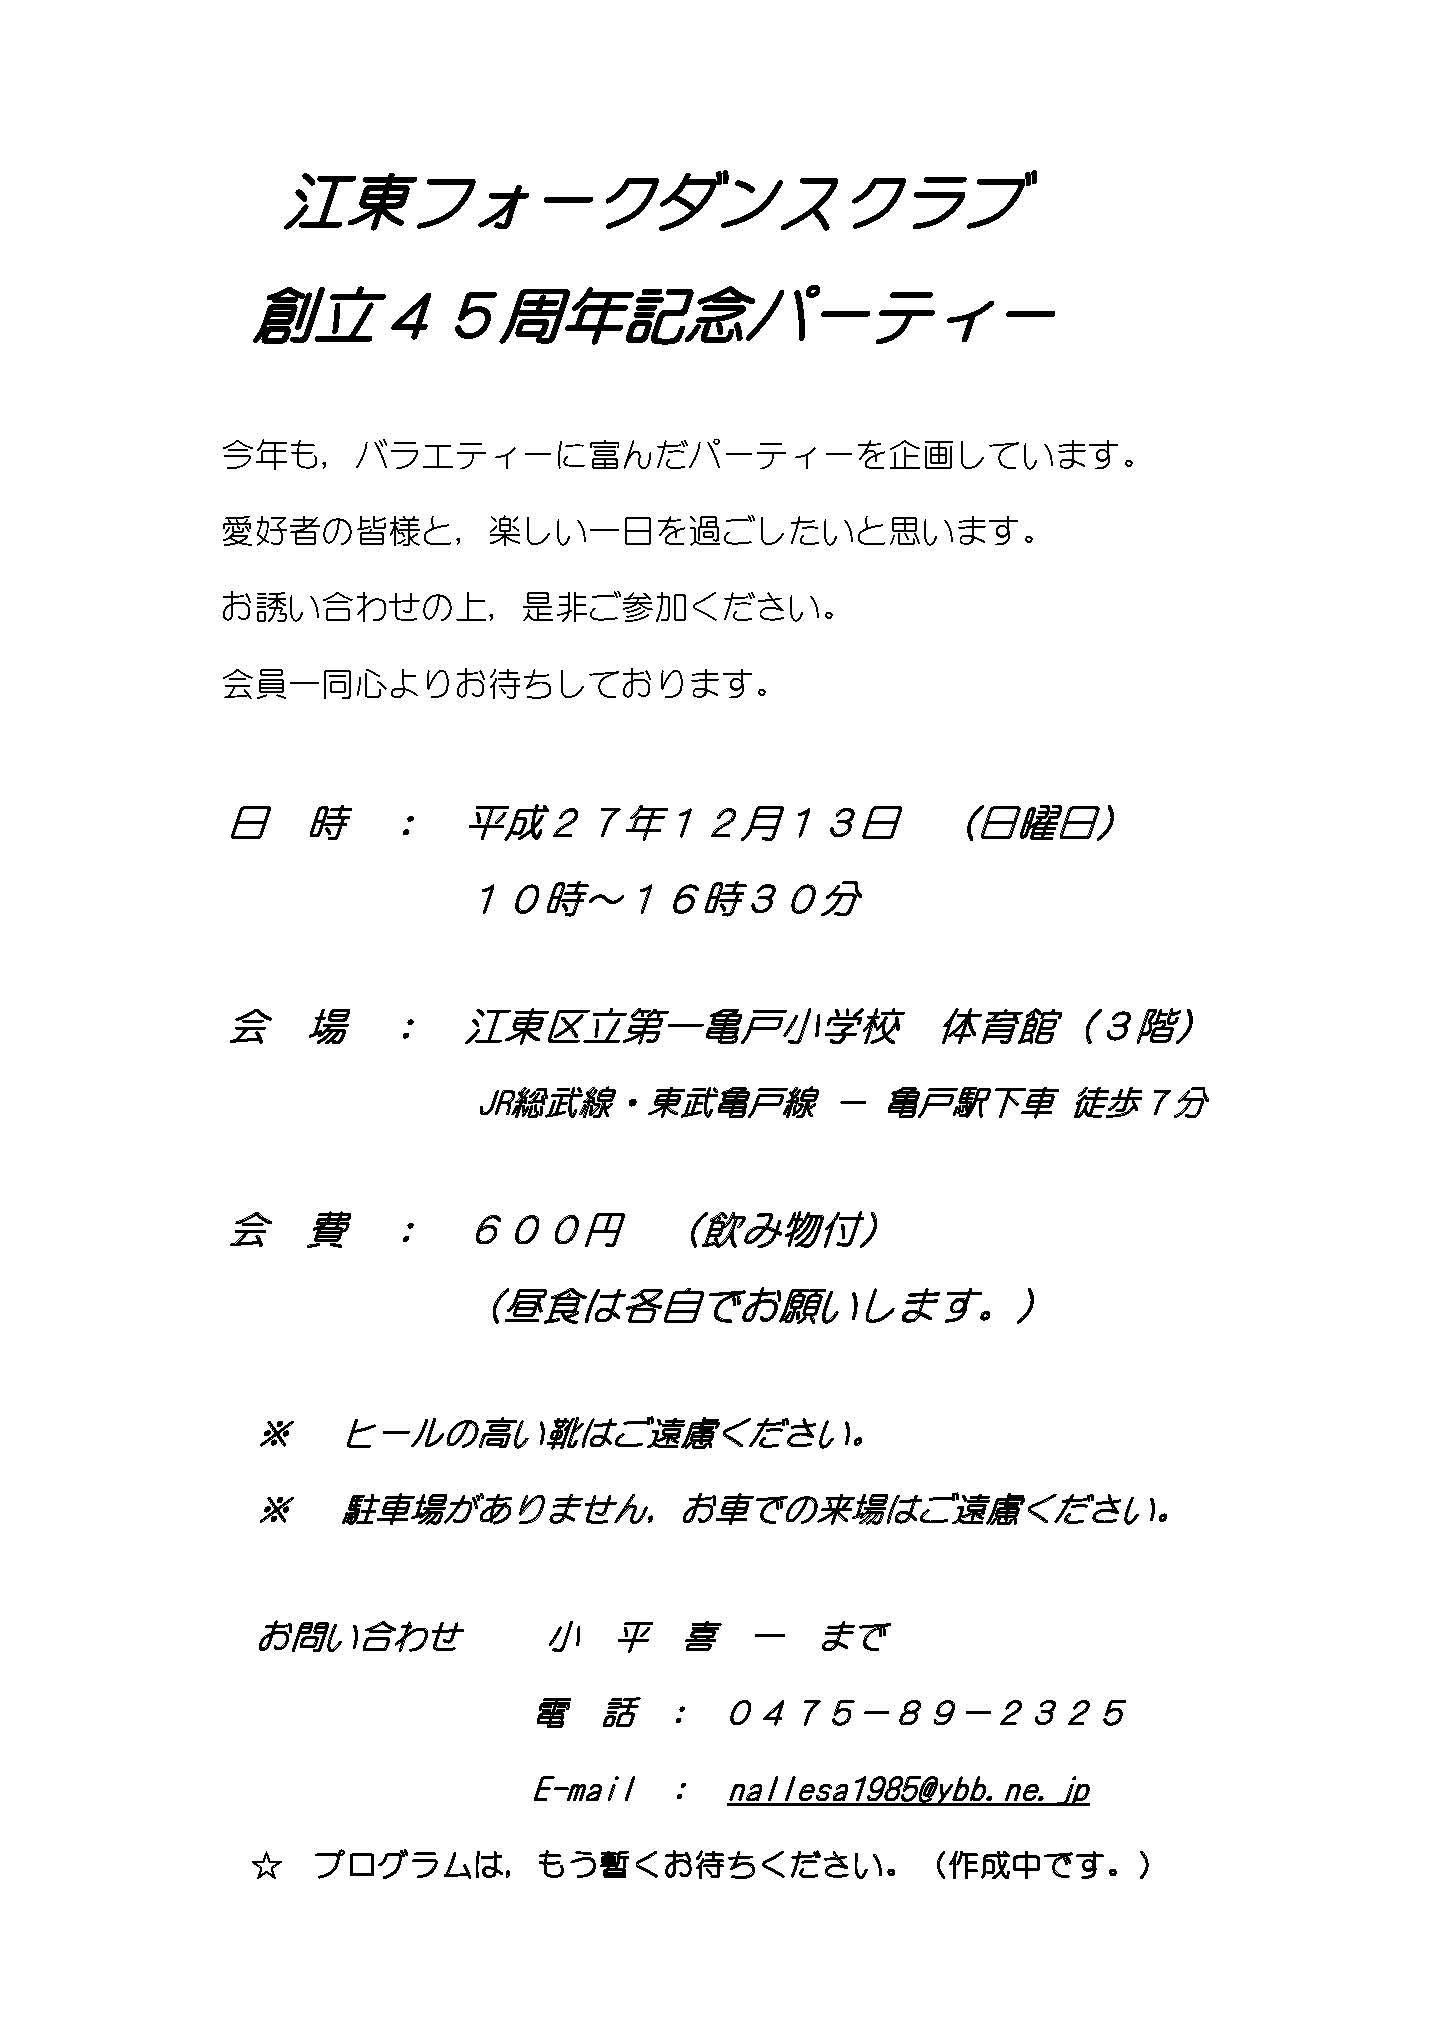 江東FDC創立45周年記念パーティーちらし (2)